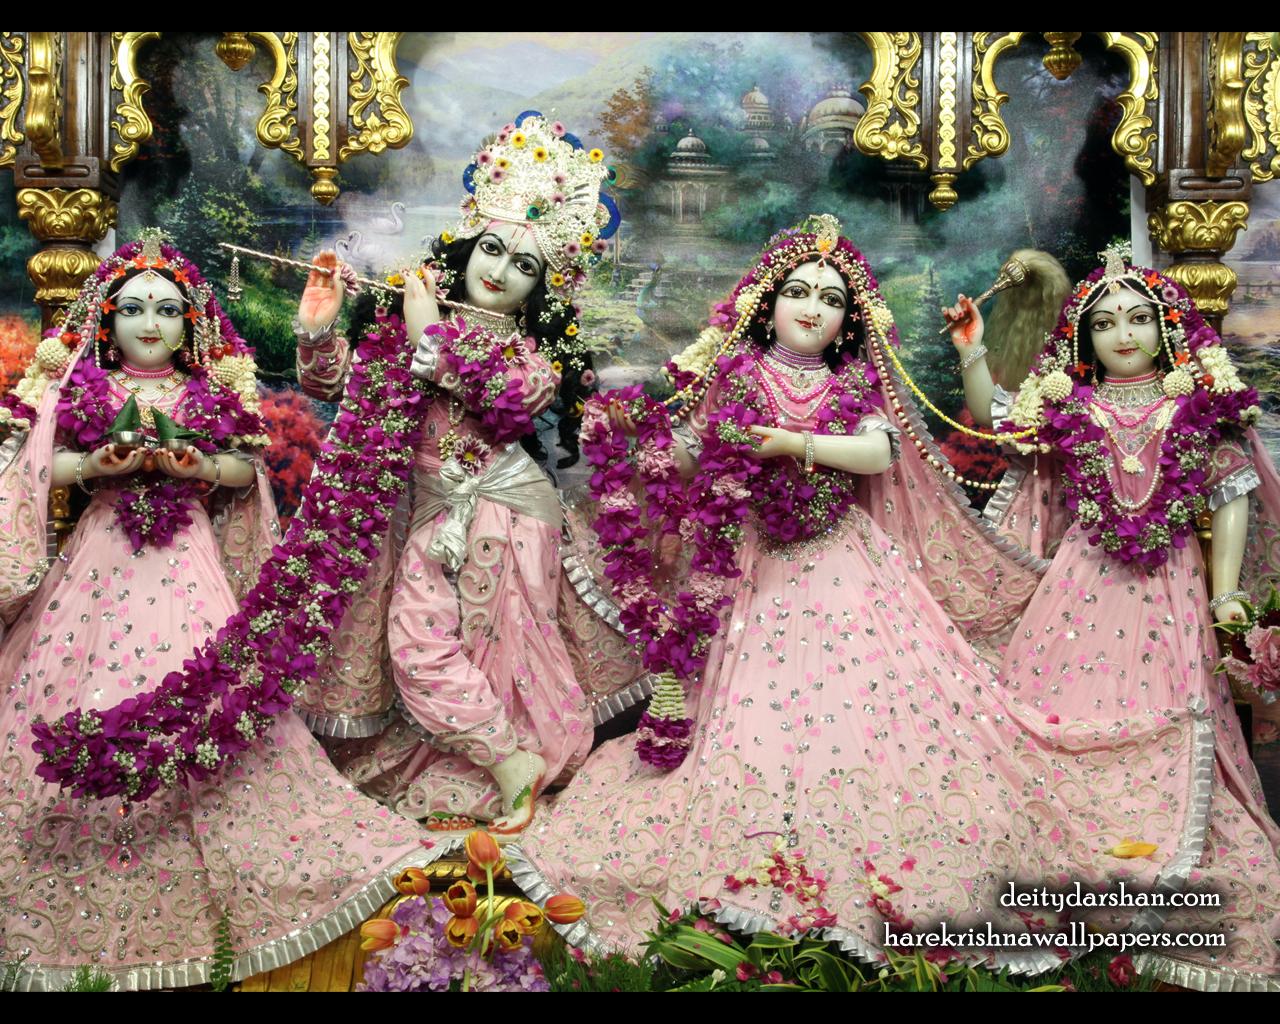 Sri Sri Radha Gopinath Lalita Vishakha Wallpaper (057) Size 1280x1024 Download